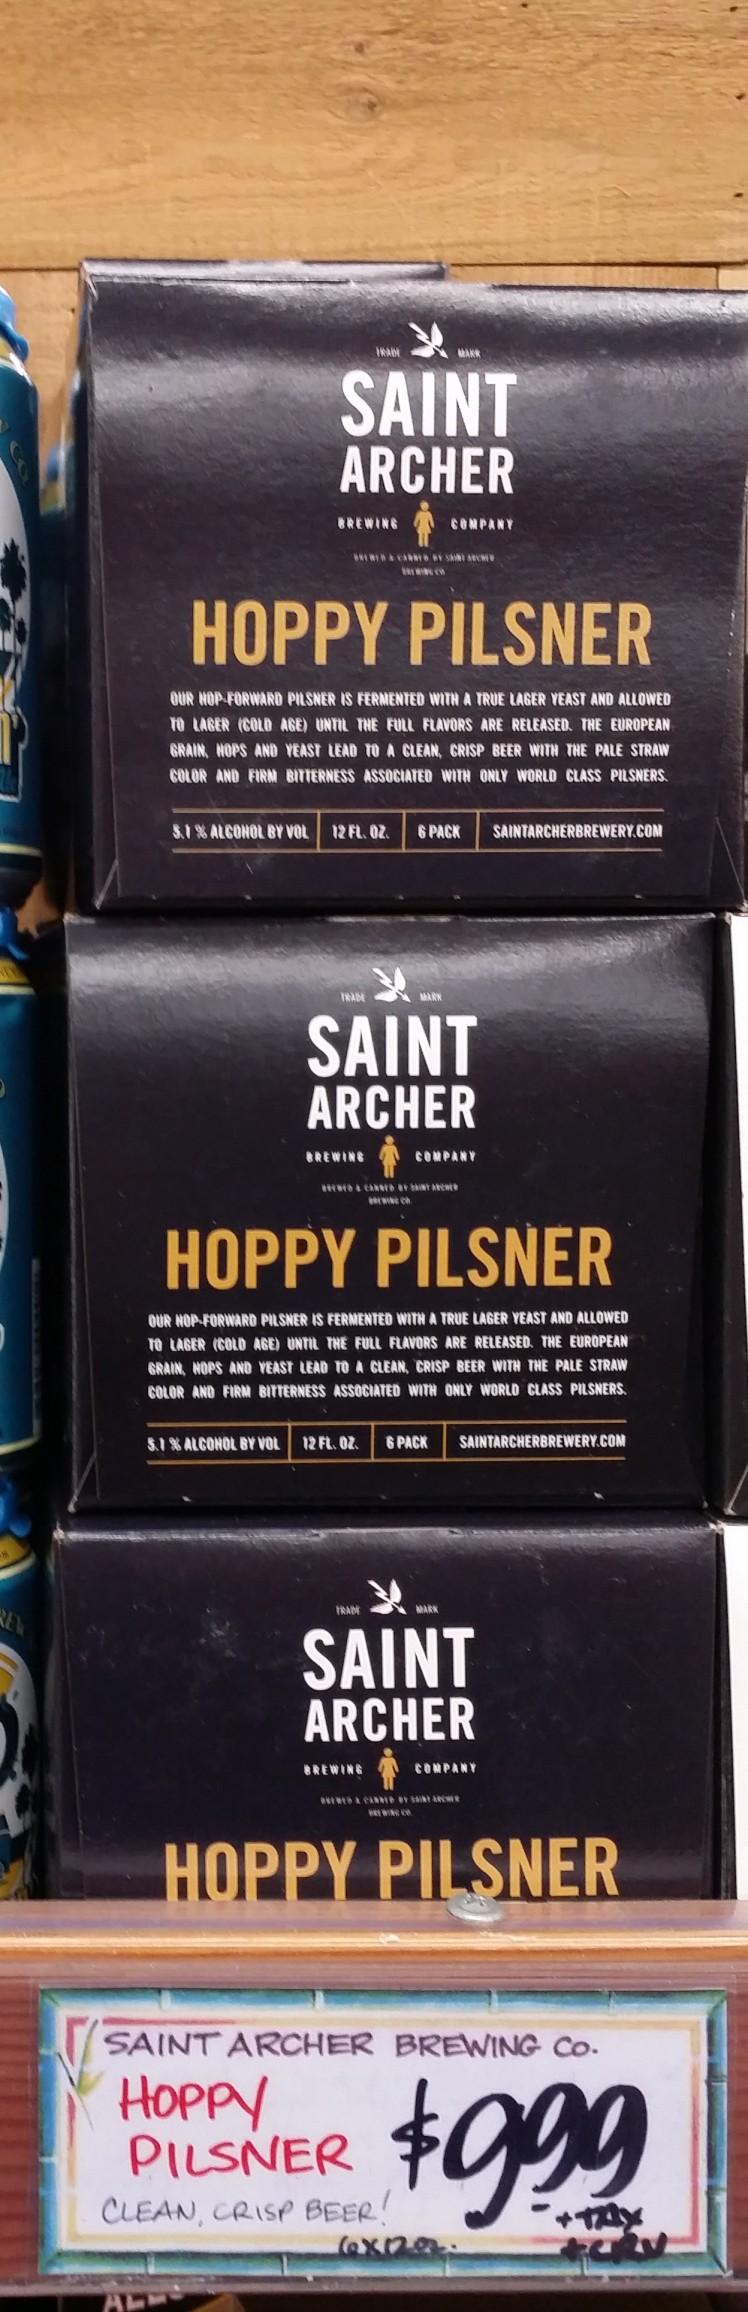 Saint Archer Hoppy Pilsner